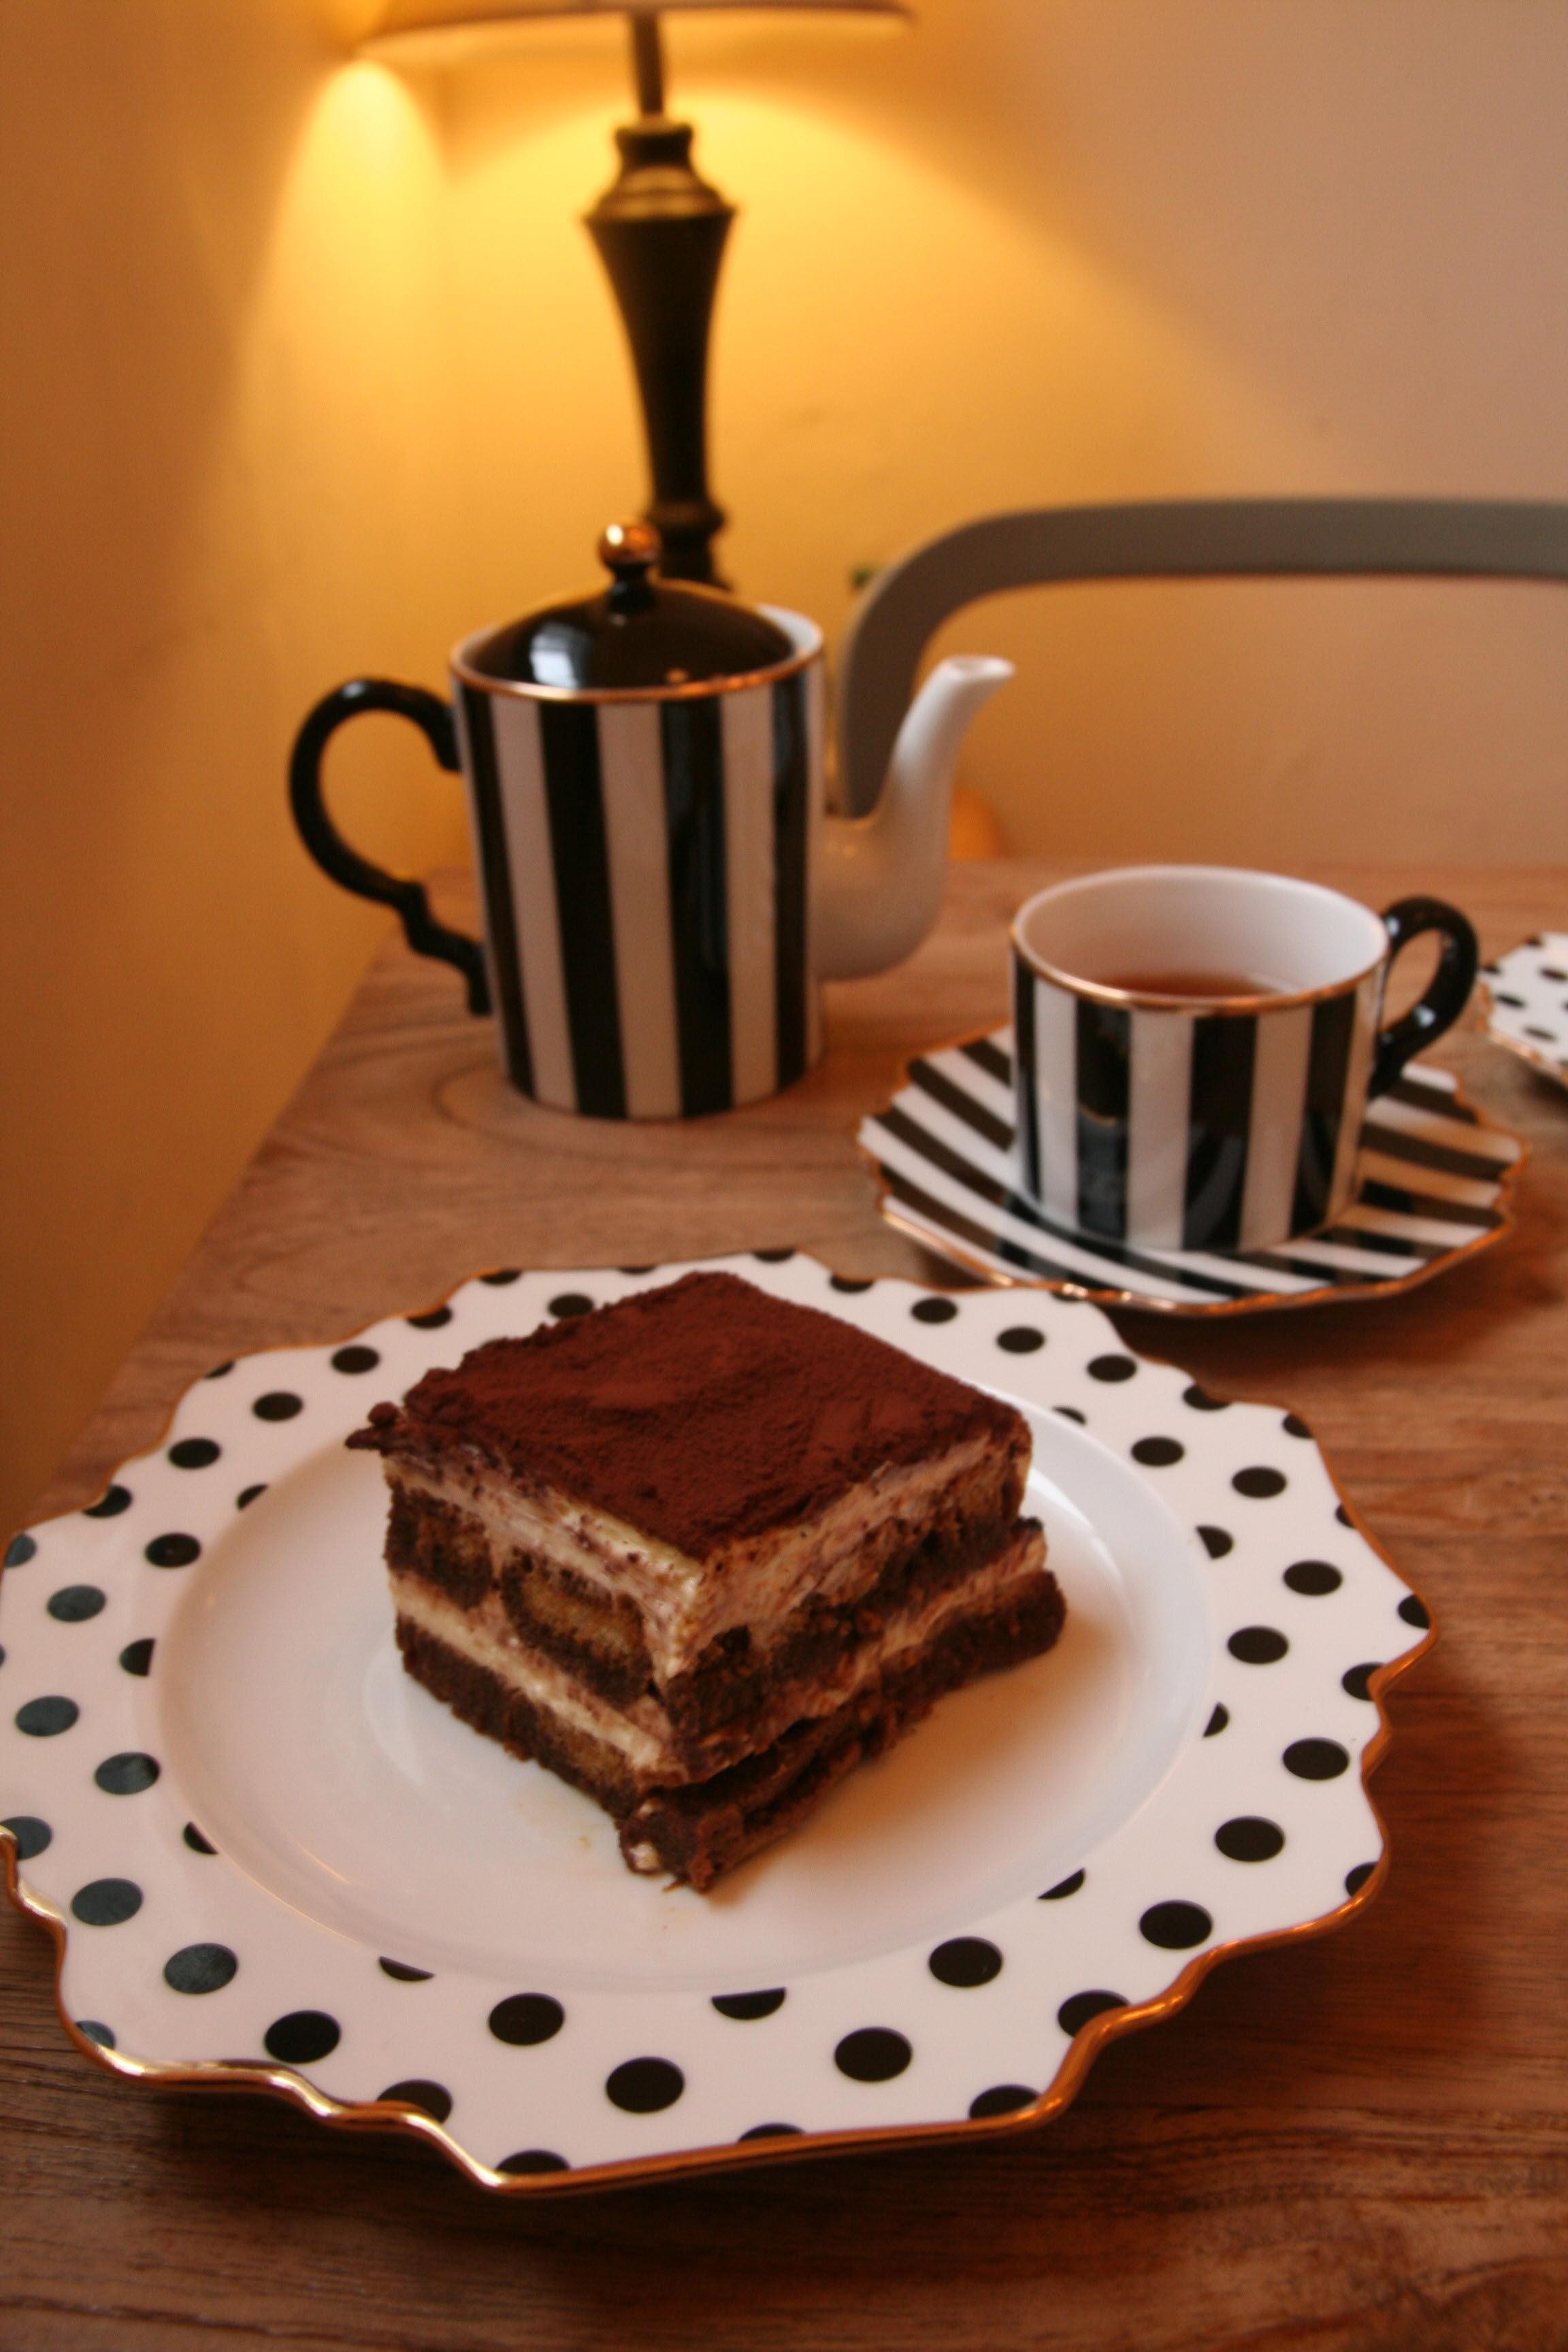 해크니의 다른 메뉴들, 티라미수와 커피 사진. 테이블 앞쪽에는 도트 무니의 접시 위에 티라미수 케이크가 놓여 있다. 그 뒤로는 줄무늬 커피잔에 커피가, 그 옆에는 같은 무늬의 주전자가 놓여 있다.